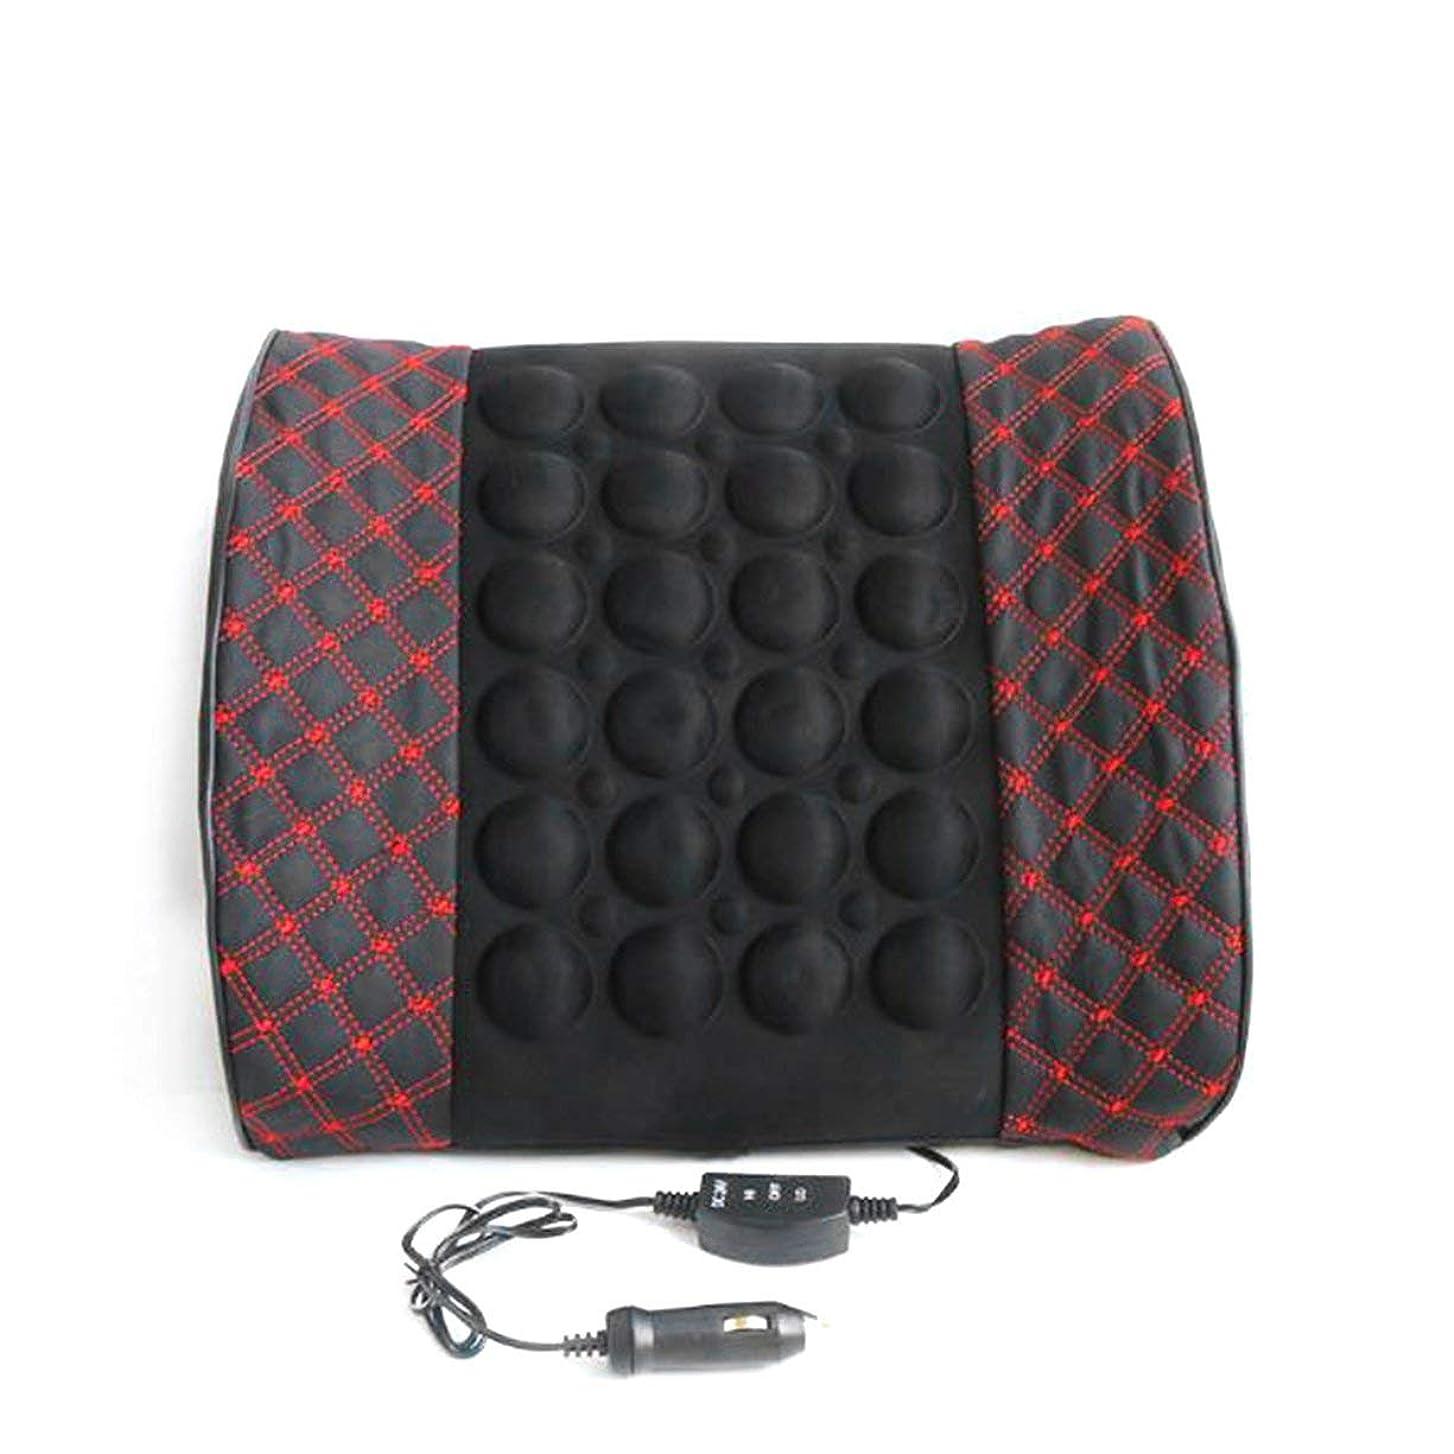 文献マーティンルーサーキングジュニア偽造Microfiber Leather Car Back Support Lumbar Posture Support Breathable Electrical Massage Cushion Health Care Tool